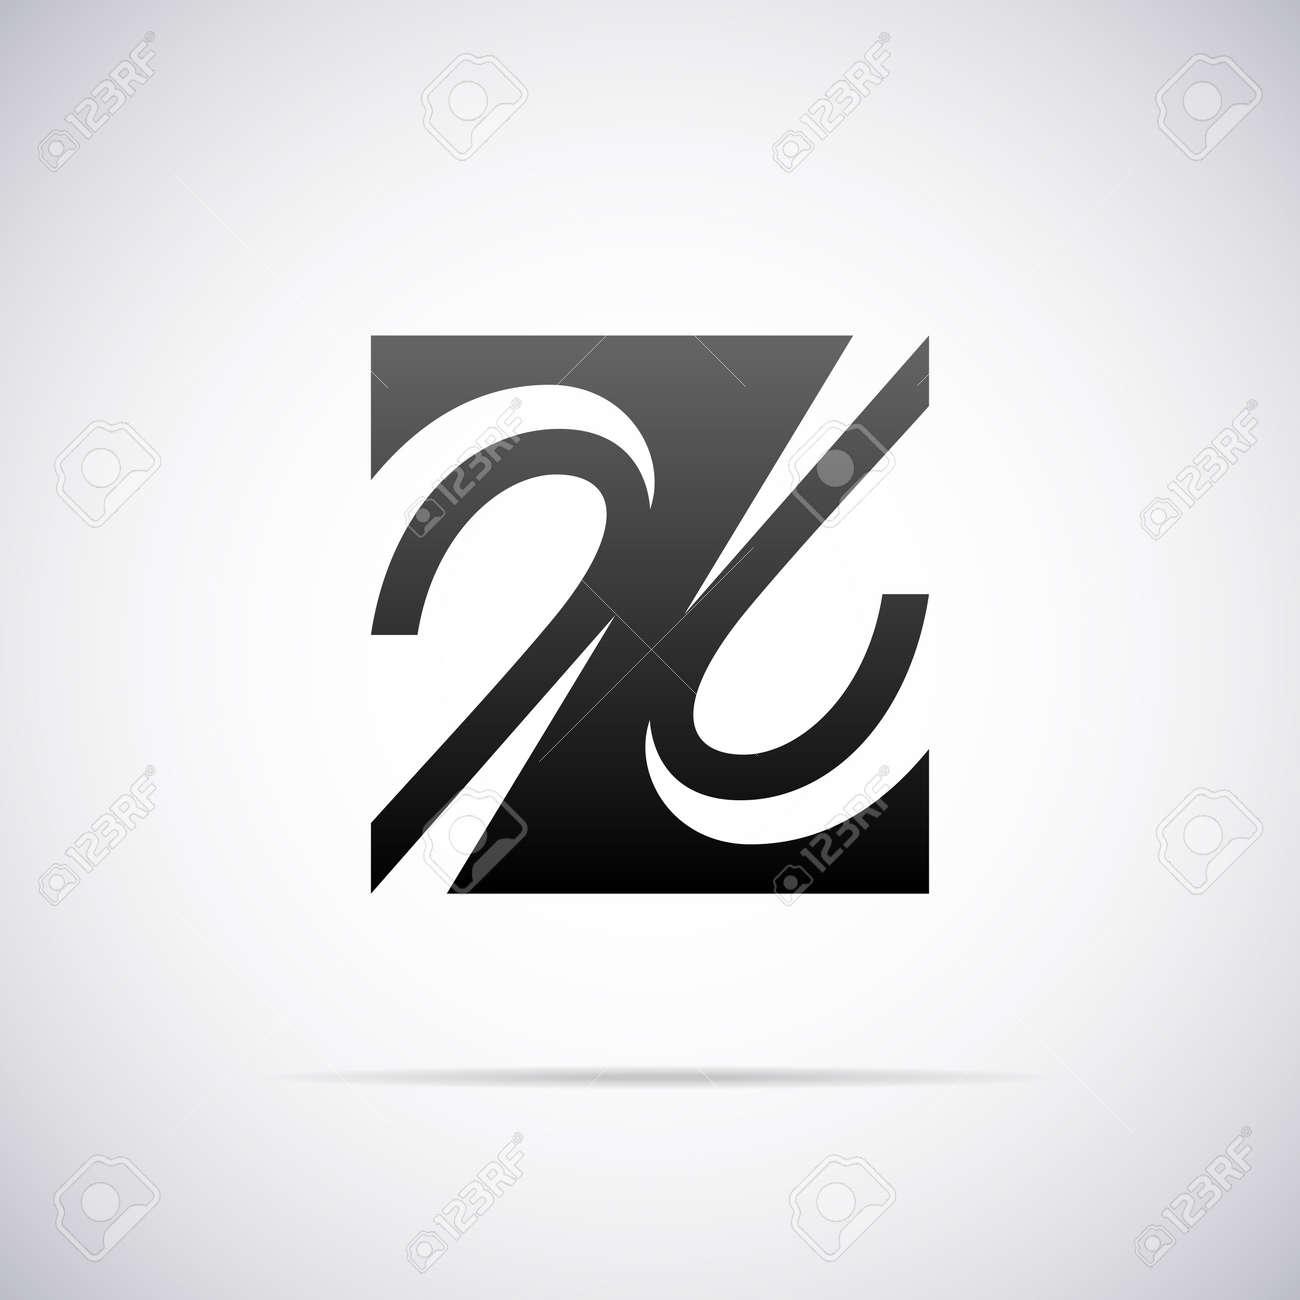 Logo For Letter Z Design Template Vector Illustration Stock